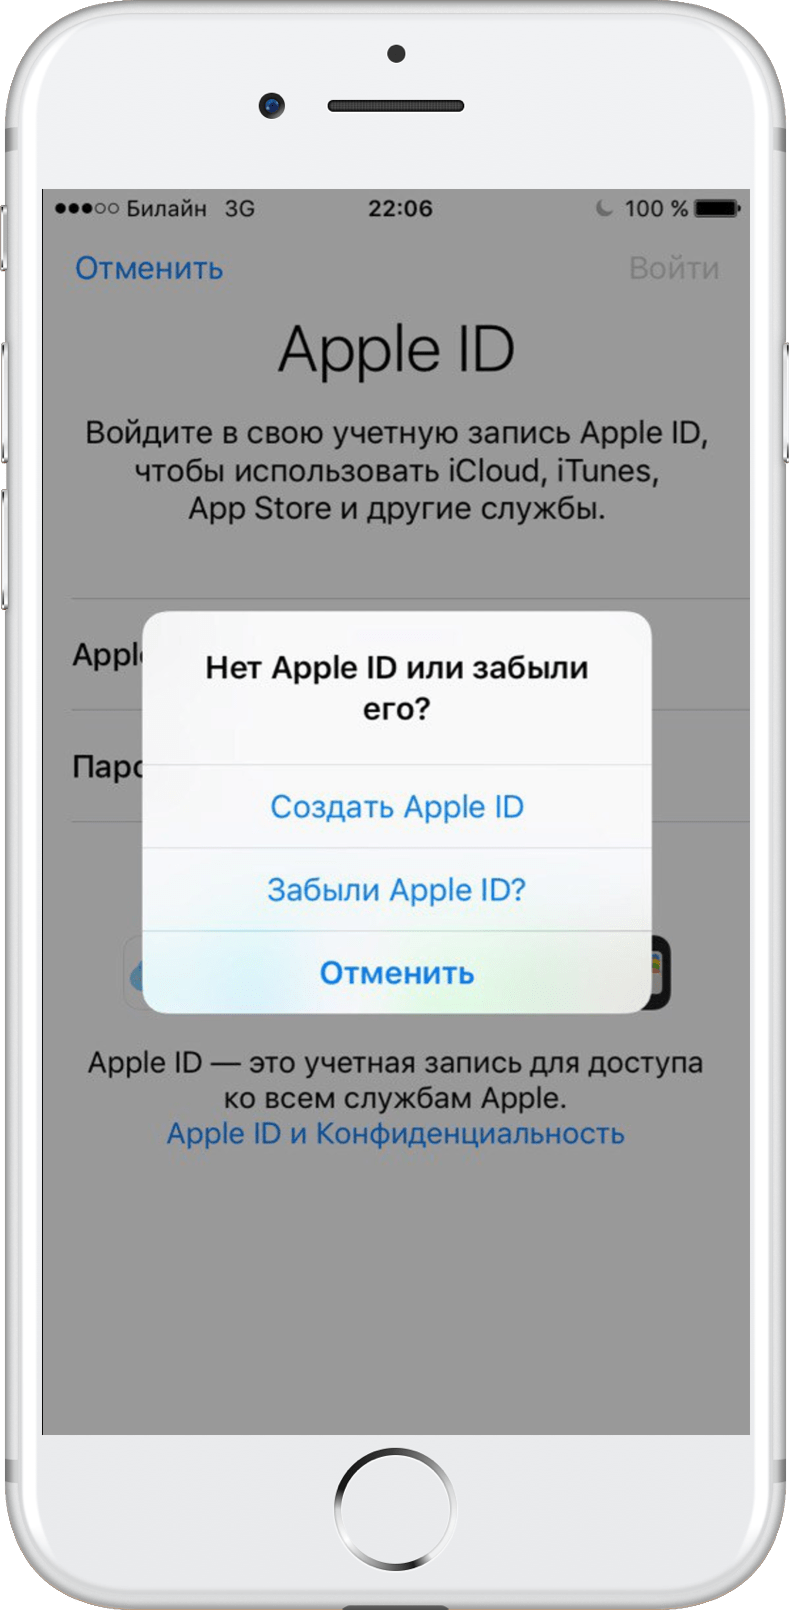 На этом iphone активировано предельное количество бесплатных учетных записей [решение]